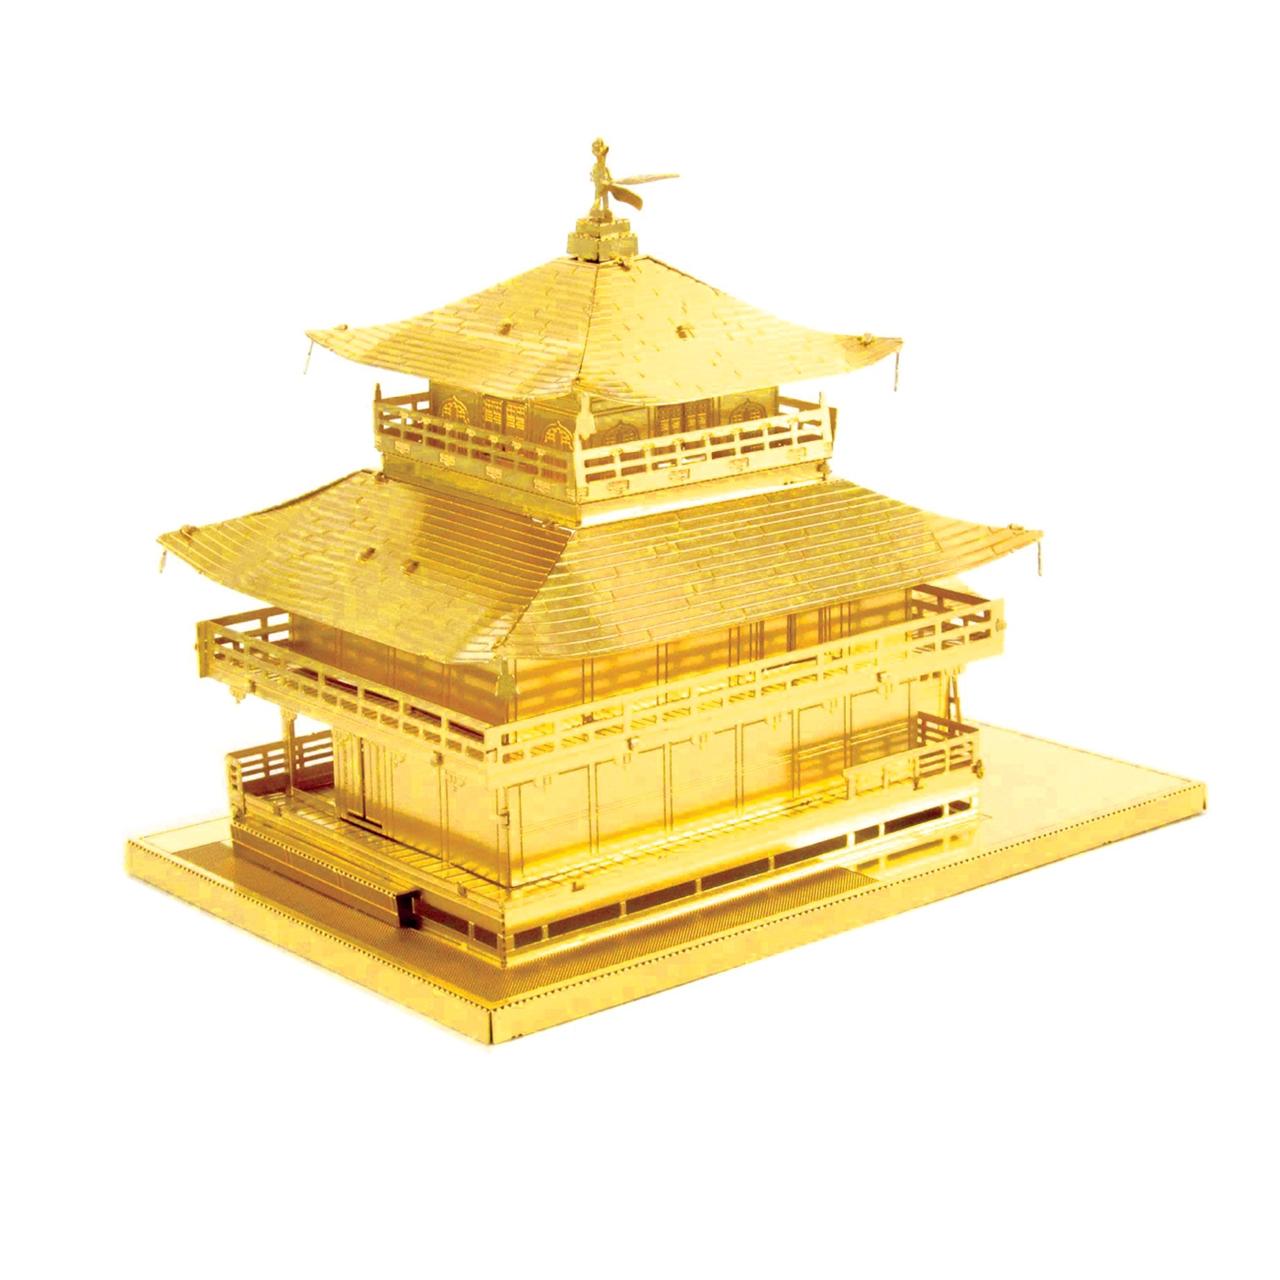 پازل فلزی 3 بعدی - مدل BMK kinkakuji gold